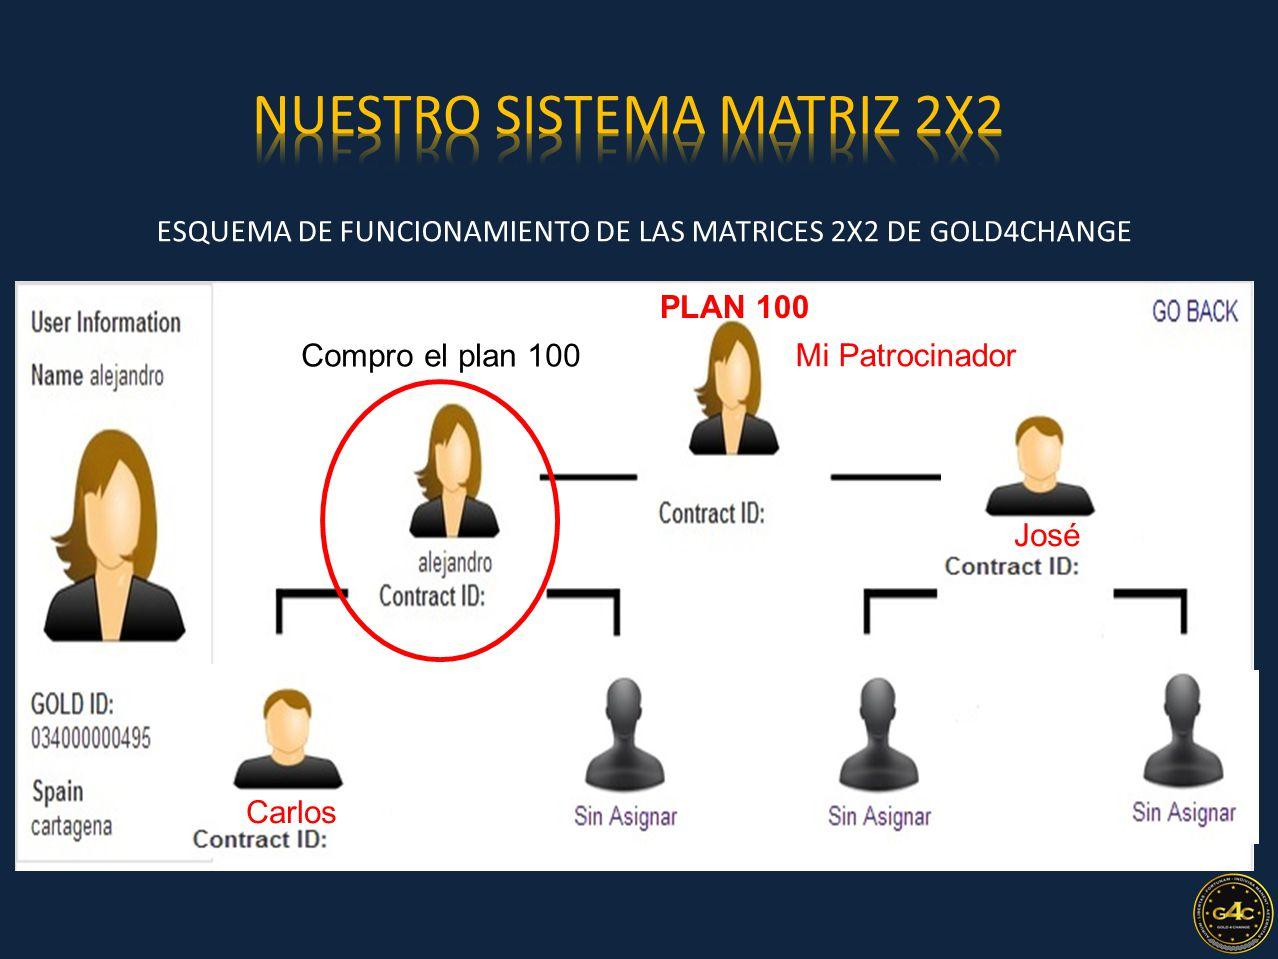 ESQUEMA DE FUNCIONAMIENTO DE LAS MATRICES 2X2 DE GOLD4CHANGE 2 Nivel Mi Patrocinador PLAN 100 Compro el plan 100 Carlos José